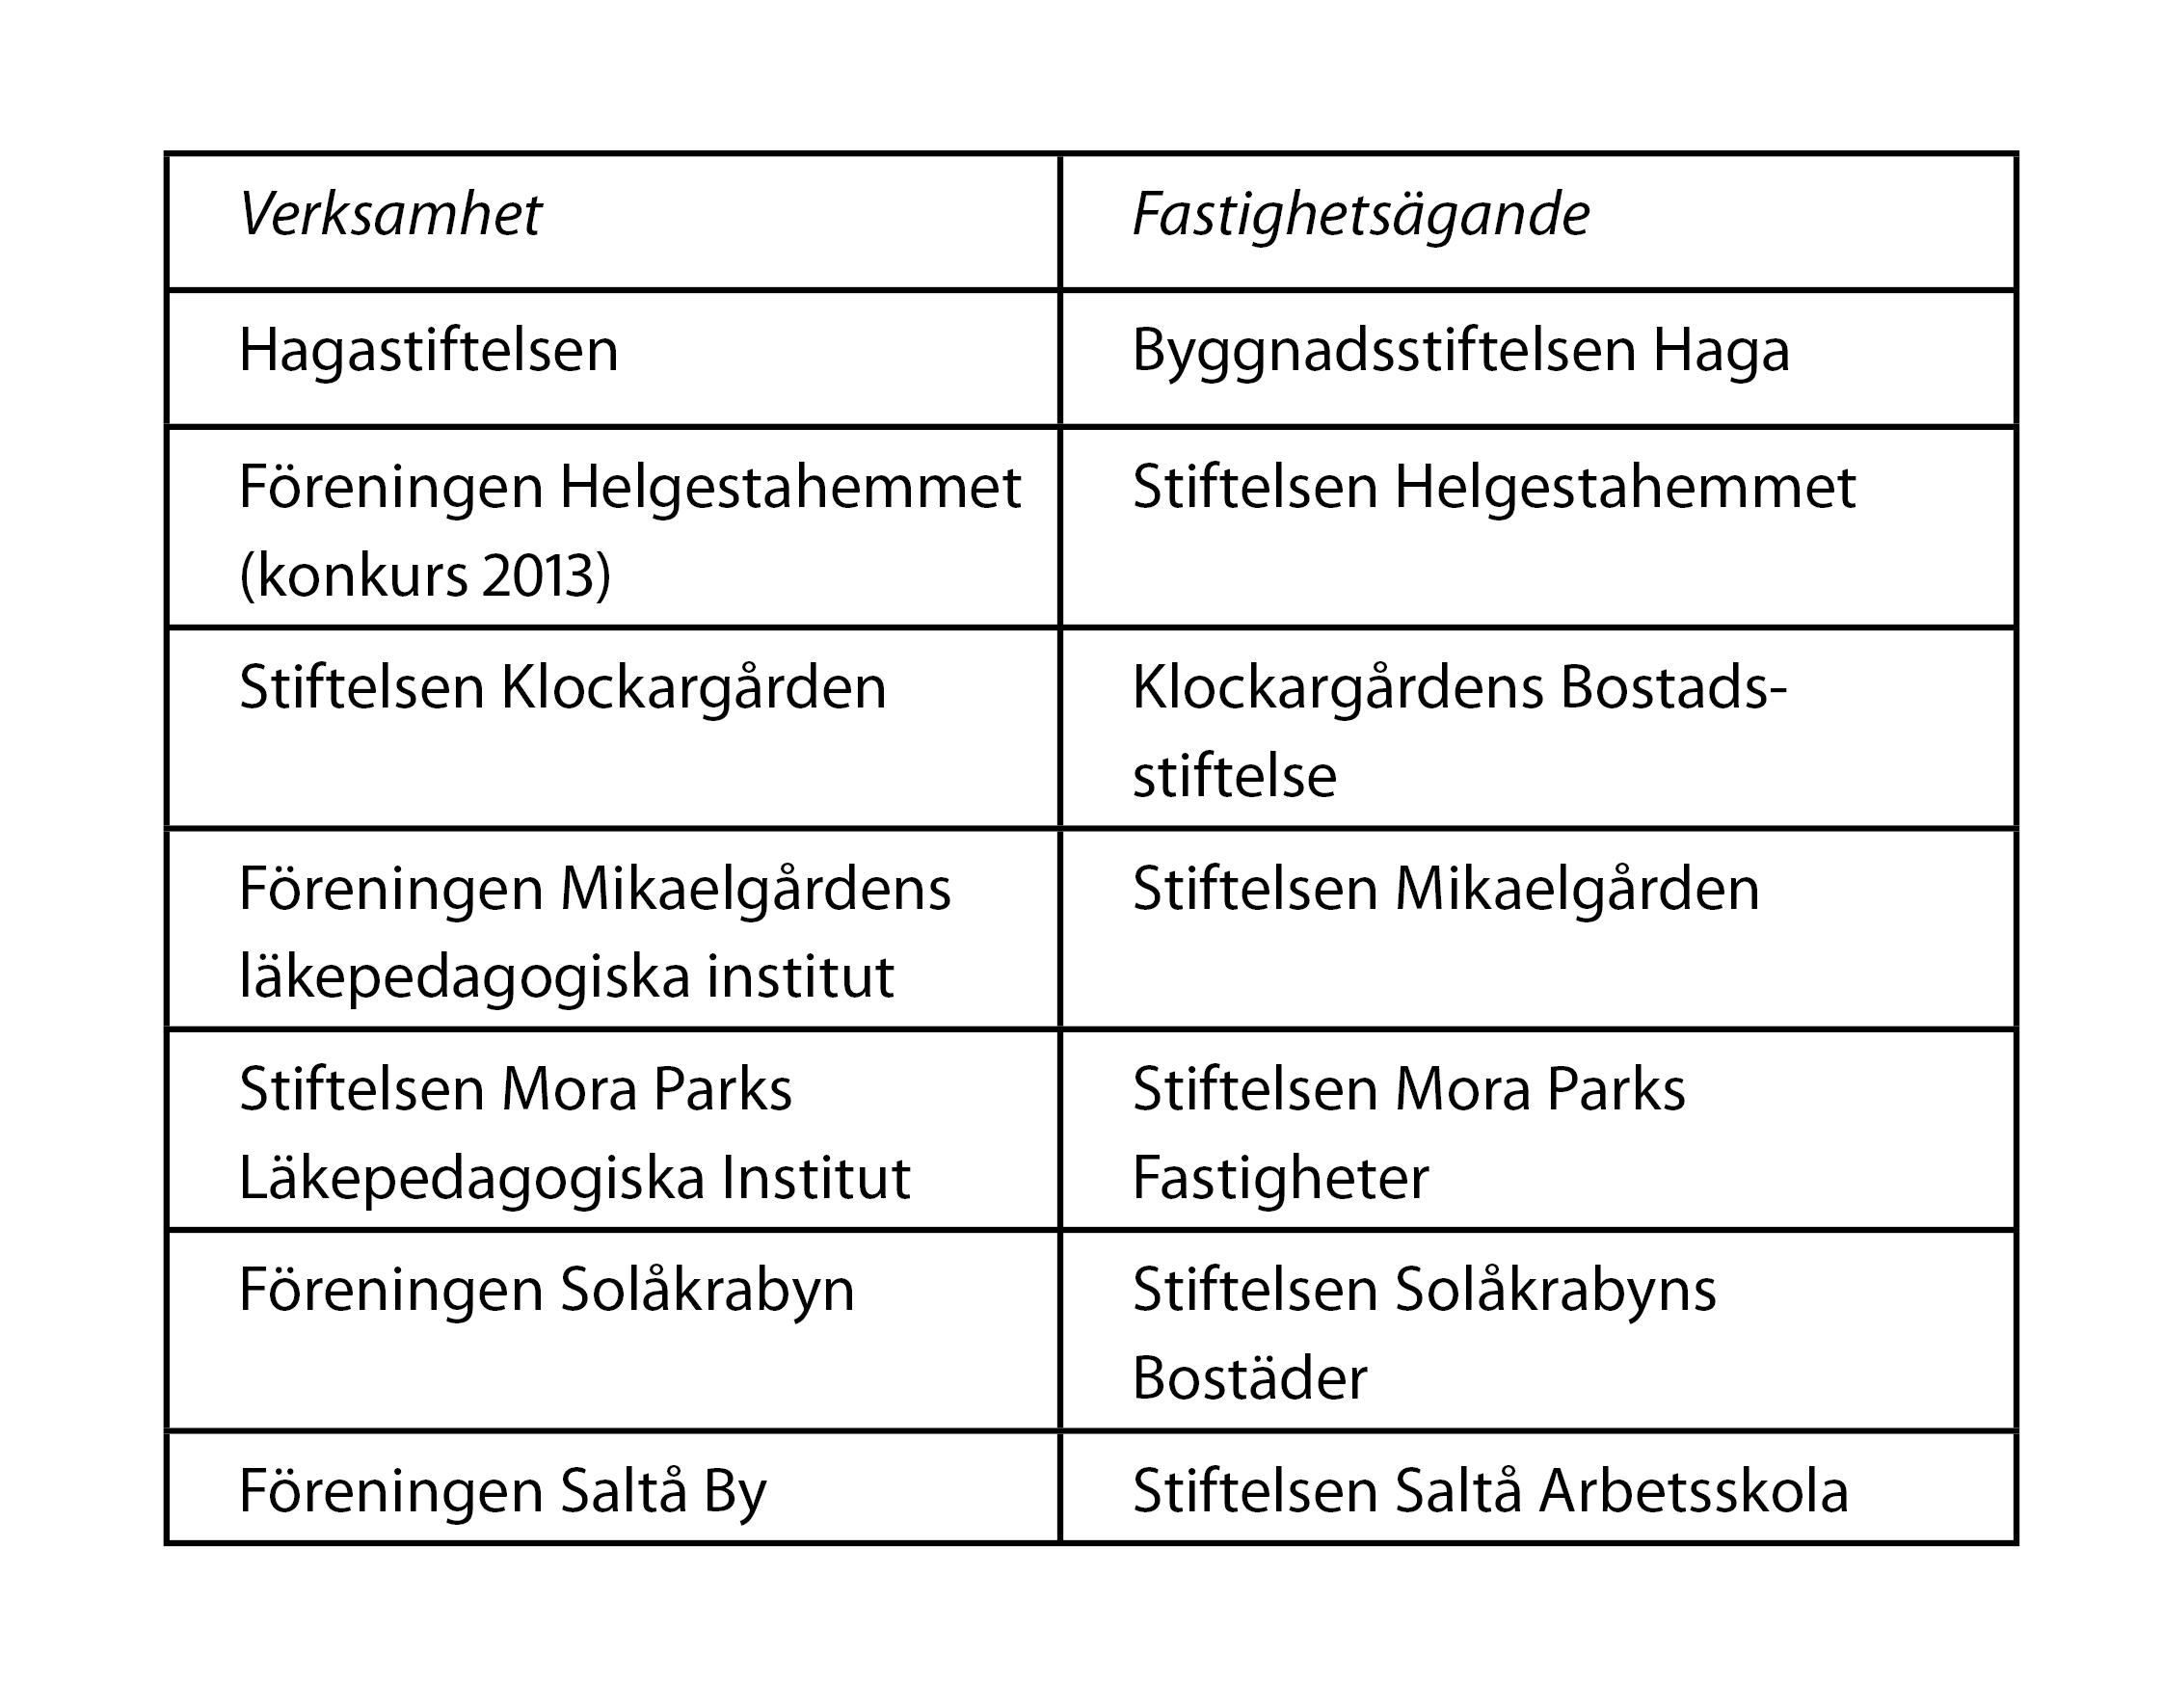 fv20141_tabell